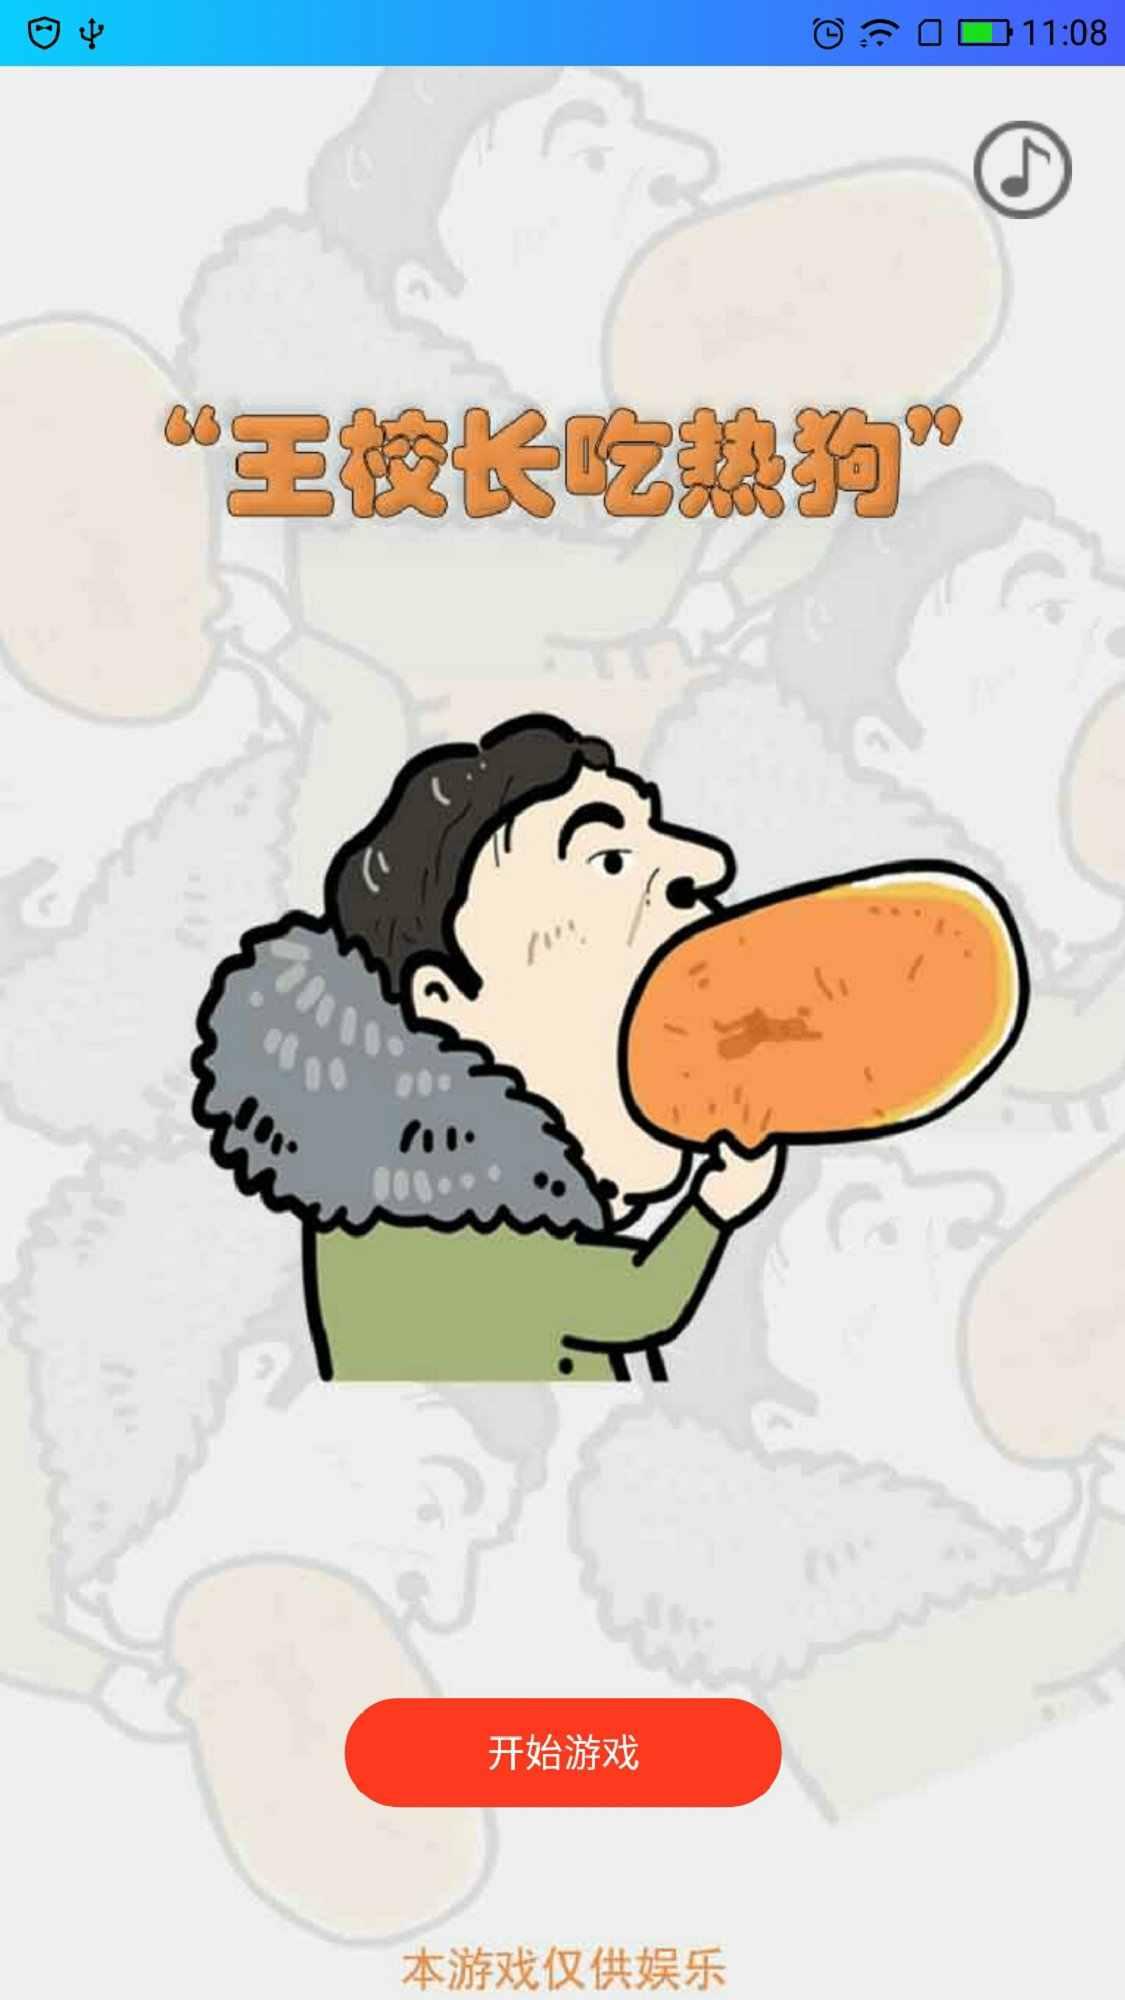 王校长吃热狗之飞机大战游戏截图1